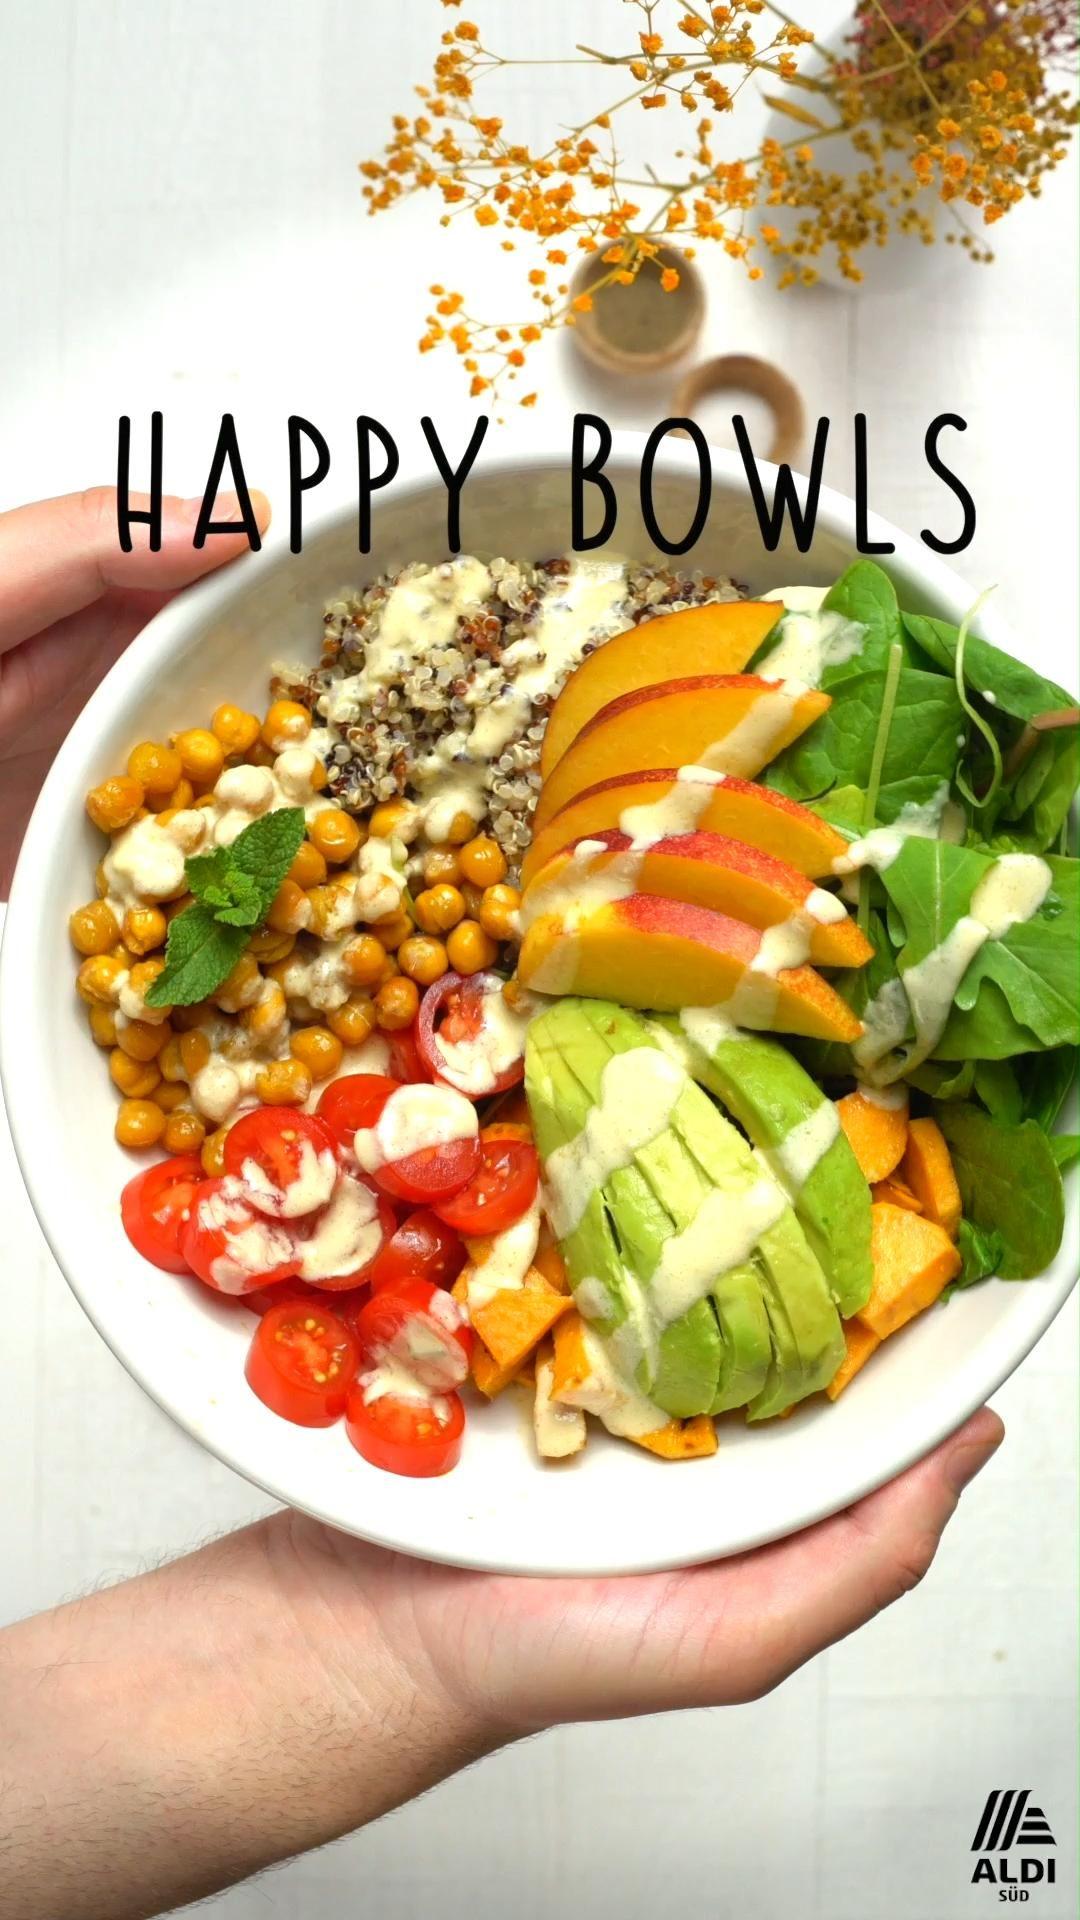 Happy Bowls